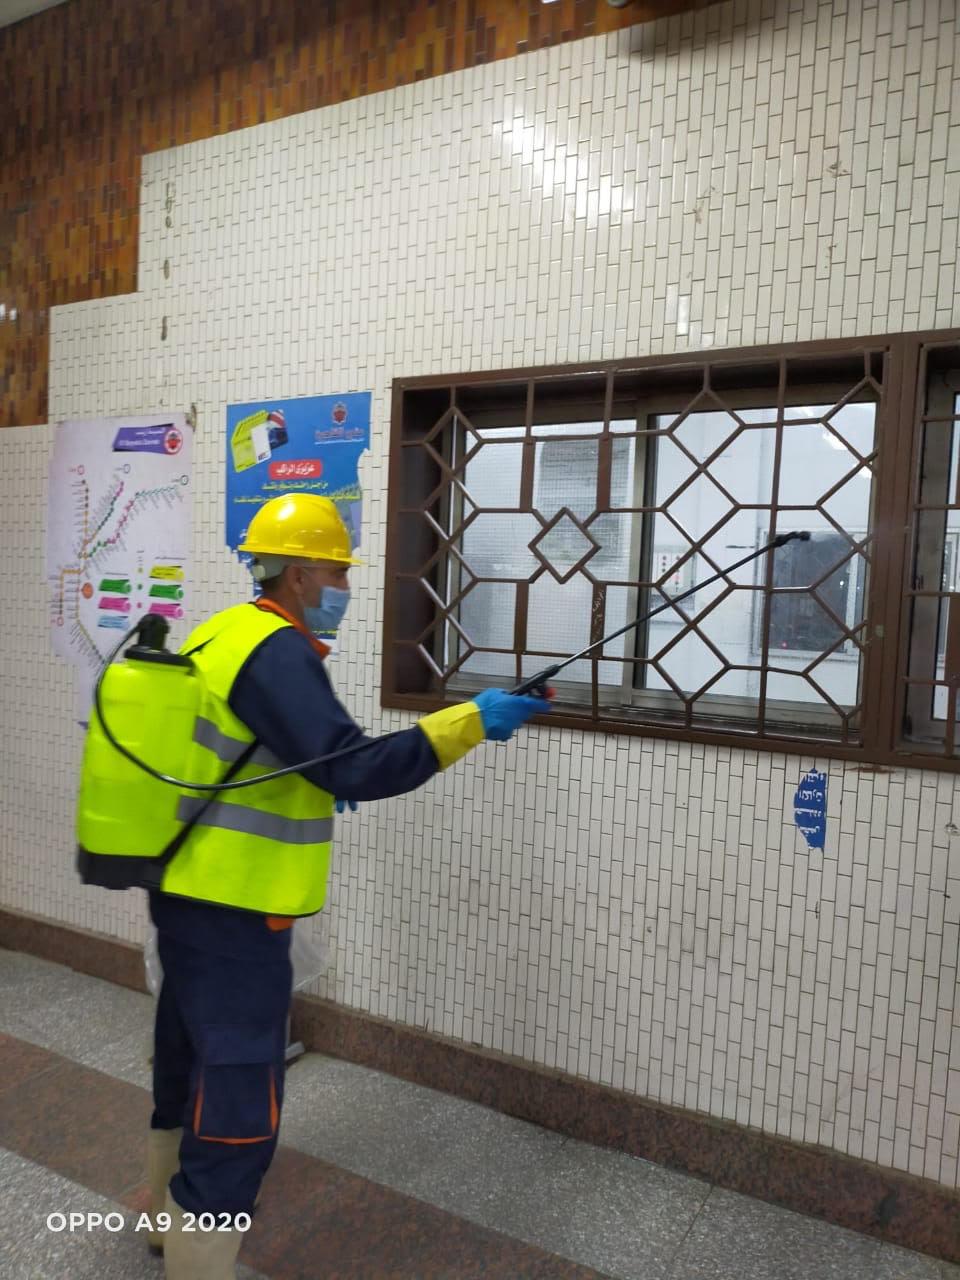 المترو يواصل أعمال تعقيم وتطهير القطارات والمحطات ضد كورونا (12)